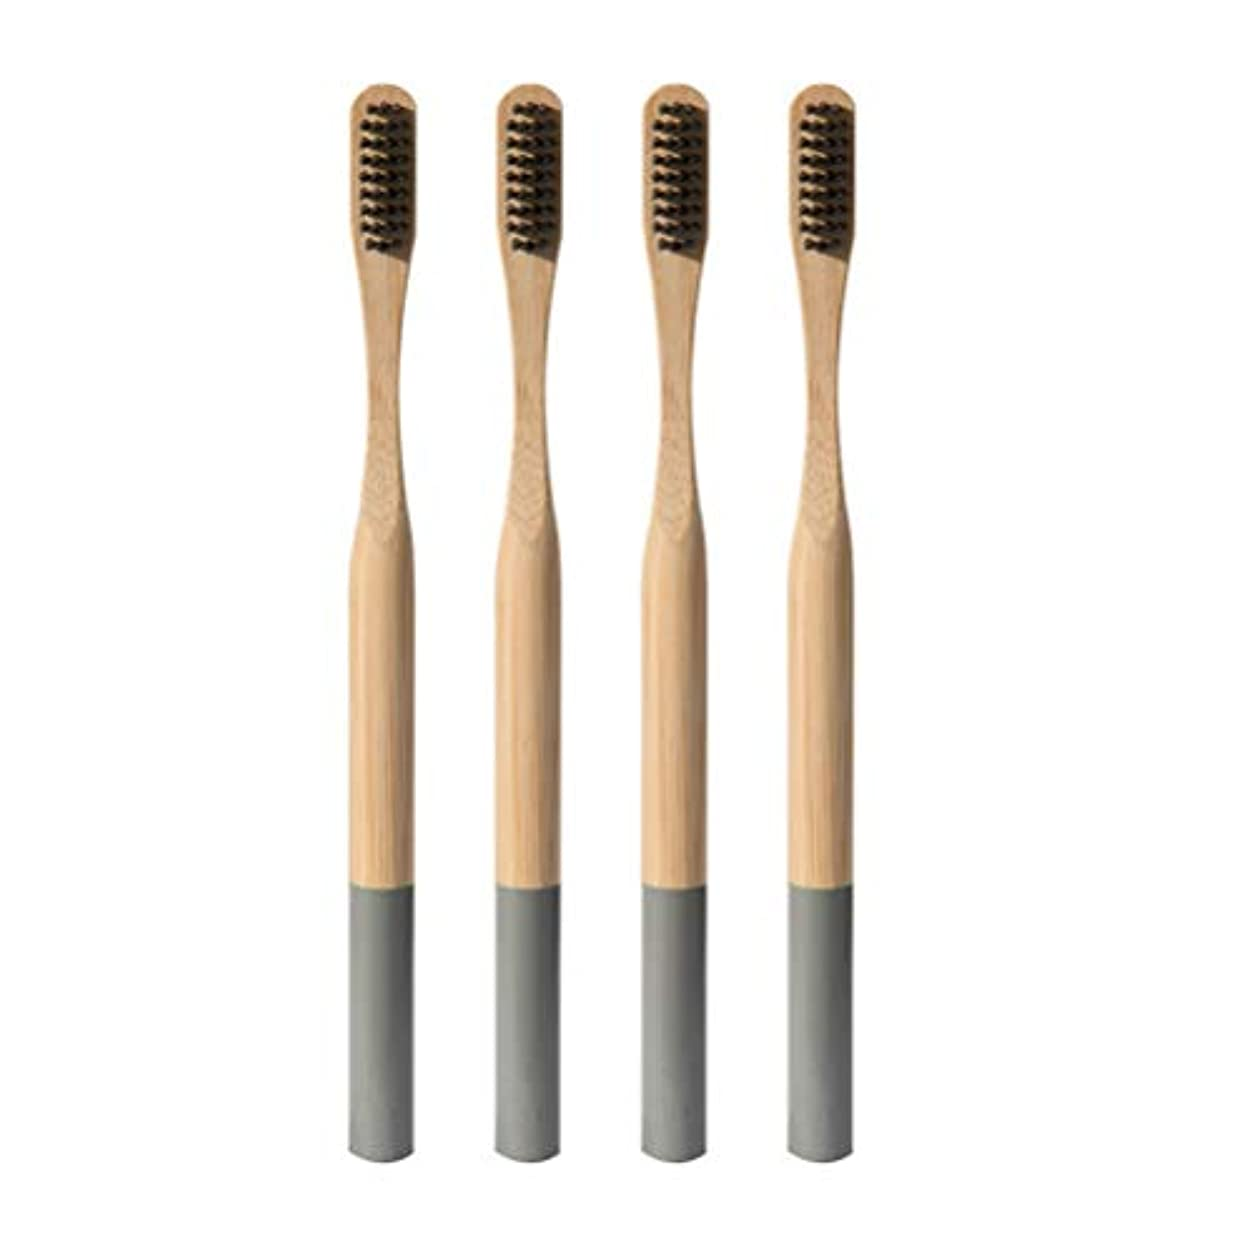 ブート泣く震えるHeallily 竹歯ブラシ4ピースソフトブリッスル歯ブラシ生分解性、環境に優しいソフト歯ブラシ、大人用の細い毛を備えた抗菌歯ブラシ(グレー)